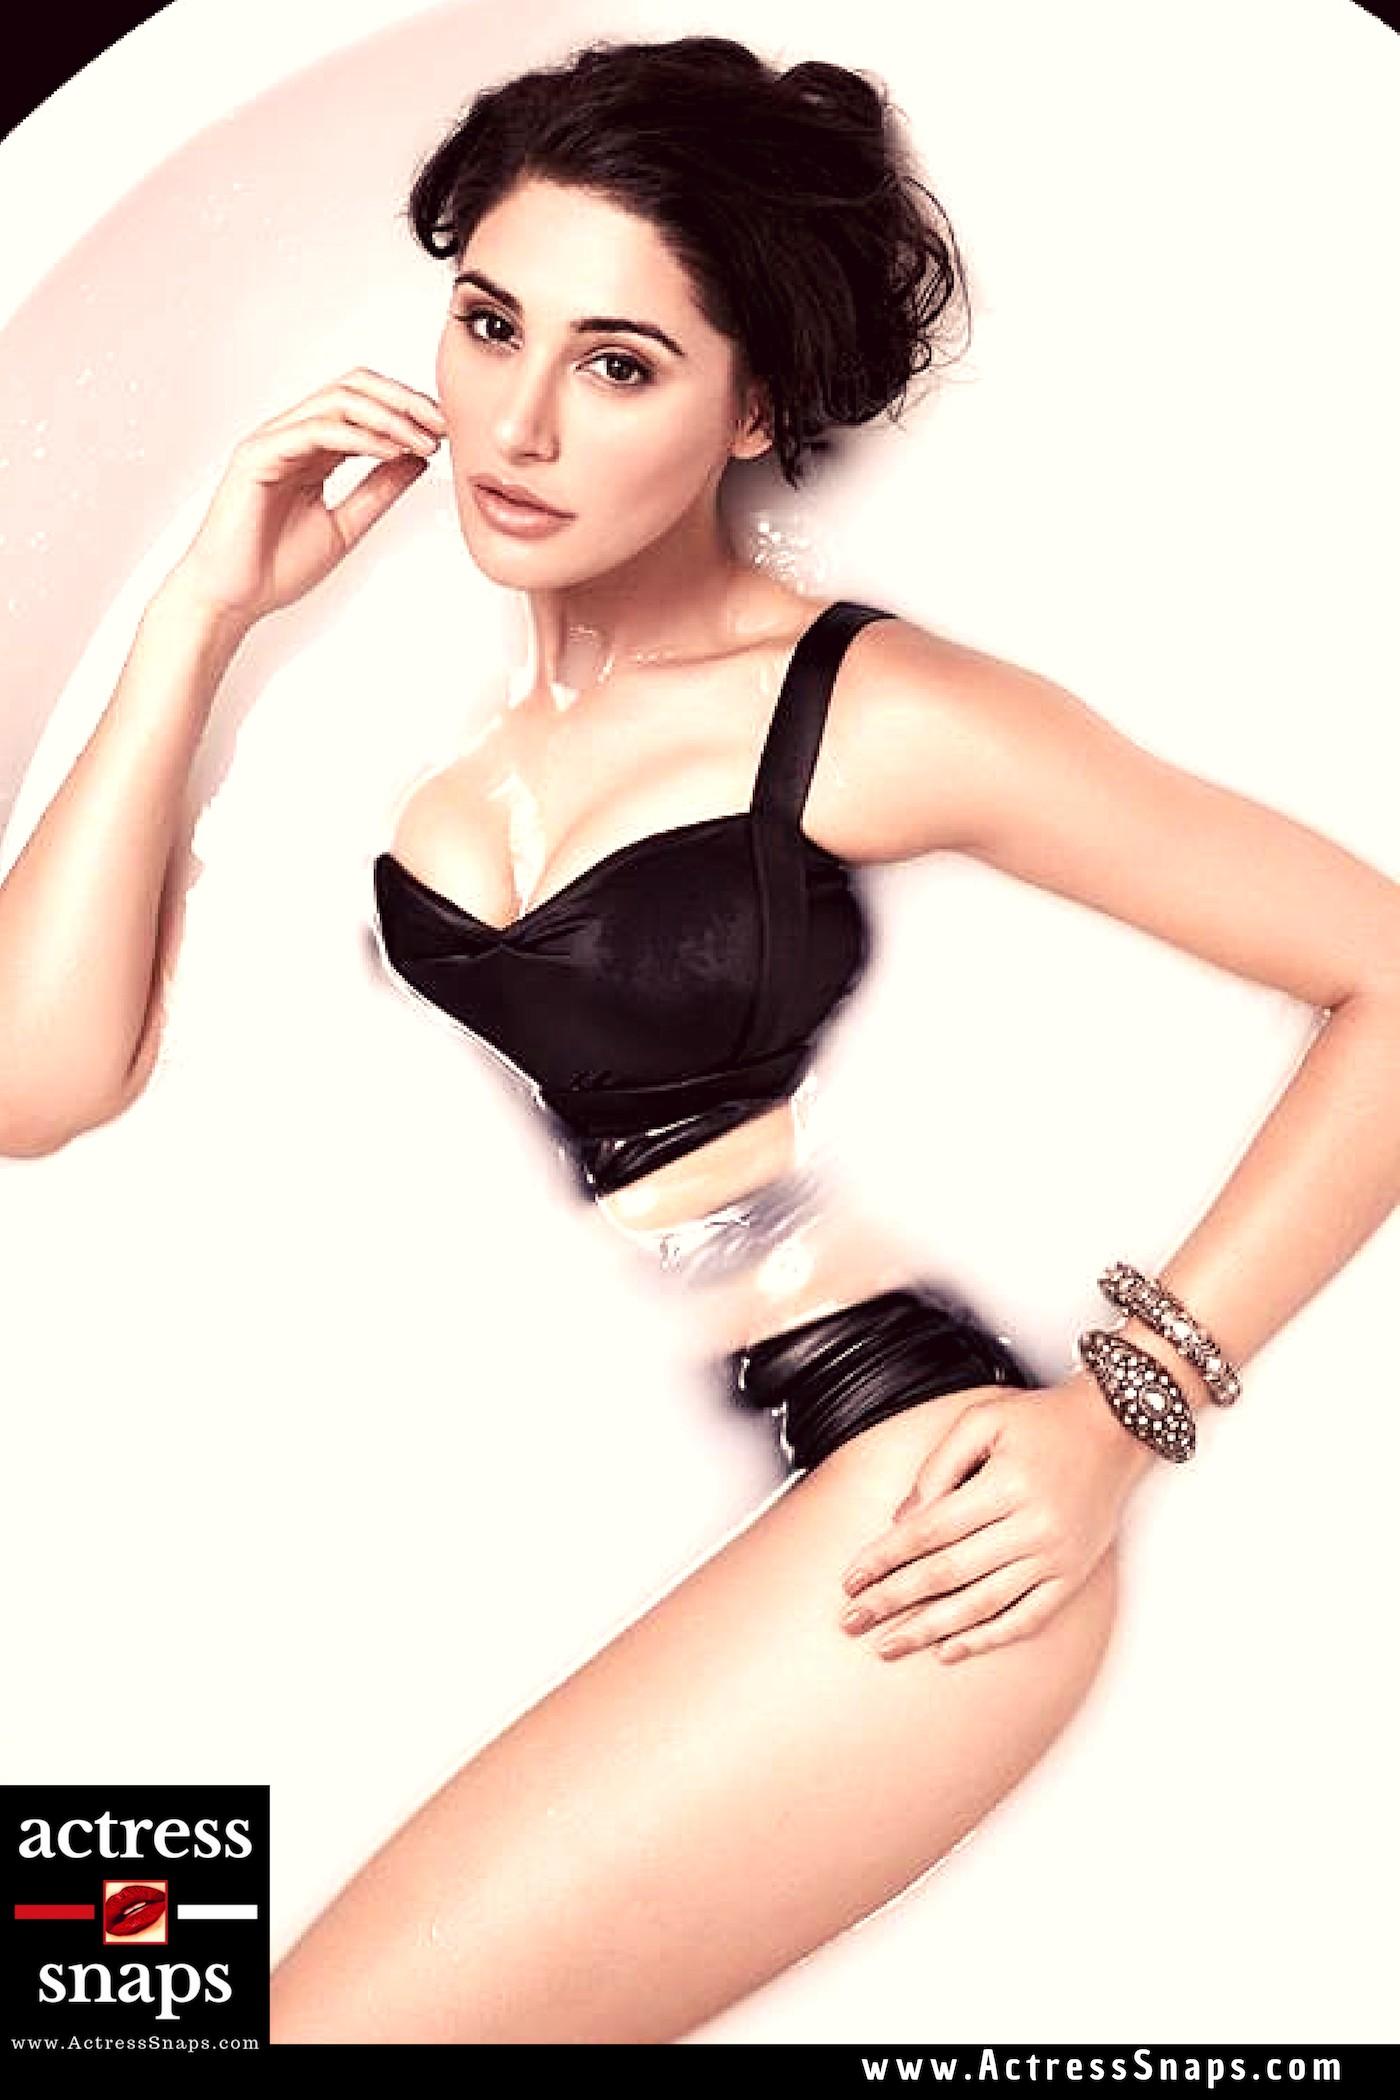 Sexy Nargis Fakhri Bikini Pictures - Sexy Actress Pictures   Hot Actress Pictures - ActressSnaps.com